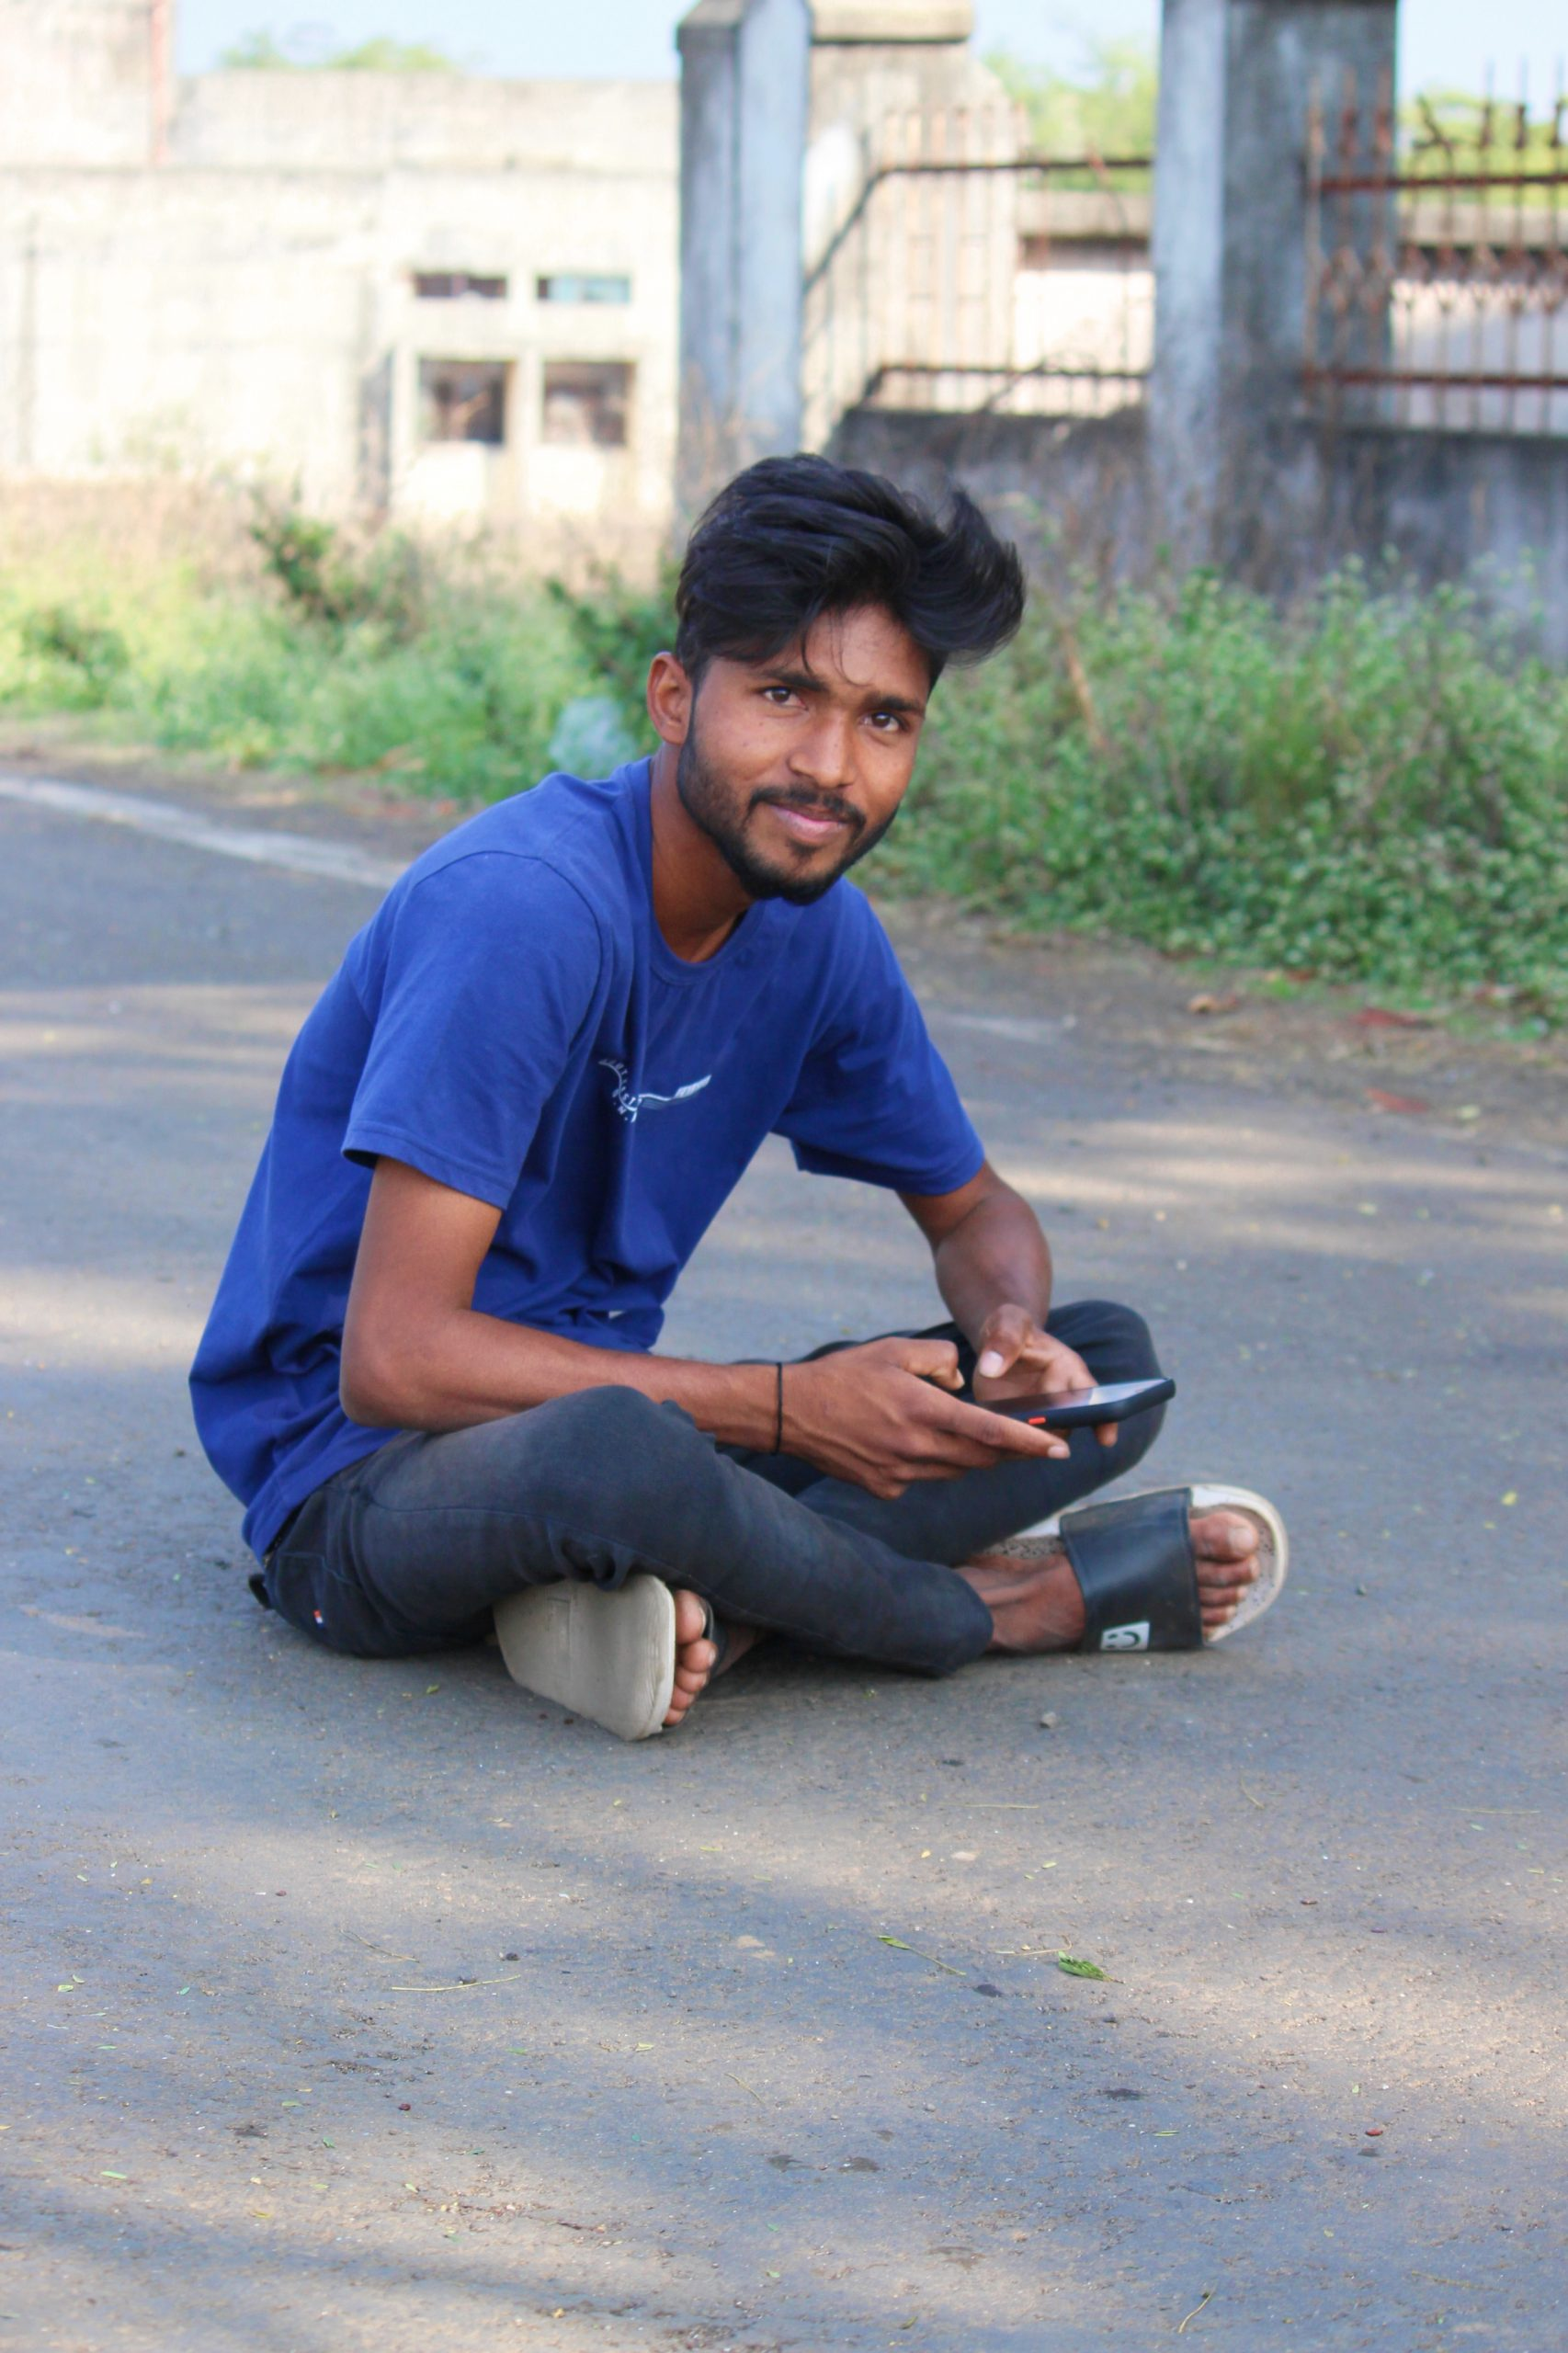 A street boy sitting on a road